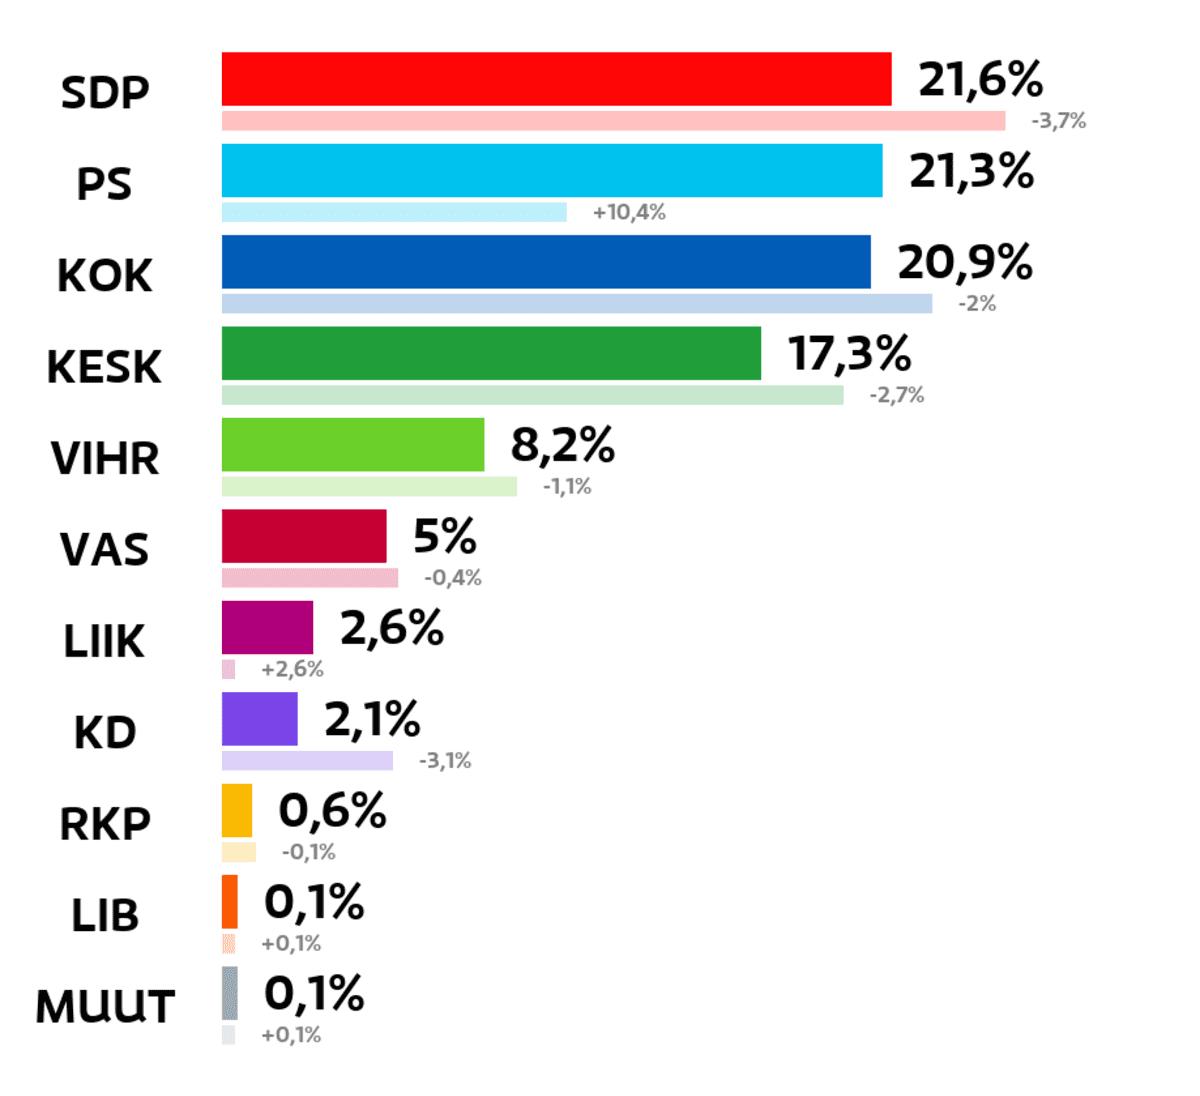 Salo: Kuntavaalien tulos (%) SDP: 21,6 prosenttia Perussuomalaiset: 21,3 prosenttia Kokoomus: 20,9 prosenttia Keskusta: 17,3 prosenttia Vihreät: 8,2 prosenttia Vasemmistoliitto: 5 prosenttia Liike Nyt: 2,6 prosenttia Kristillisdemokraatit: 2,1 prosenttia RKP: 0,6 prosenttia Liberaalipuolue: 0,1 prosenttia Muut ryhmät: 0,1 prosenttia